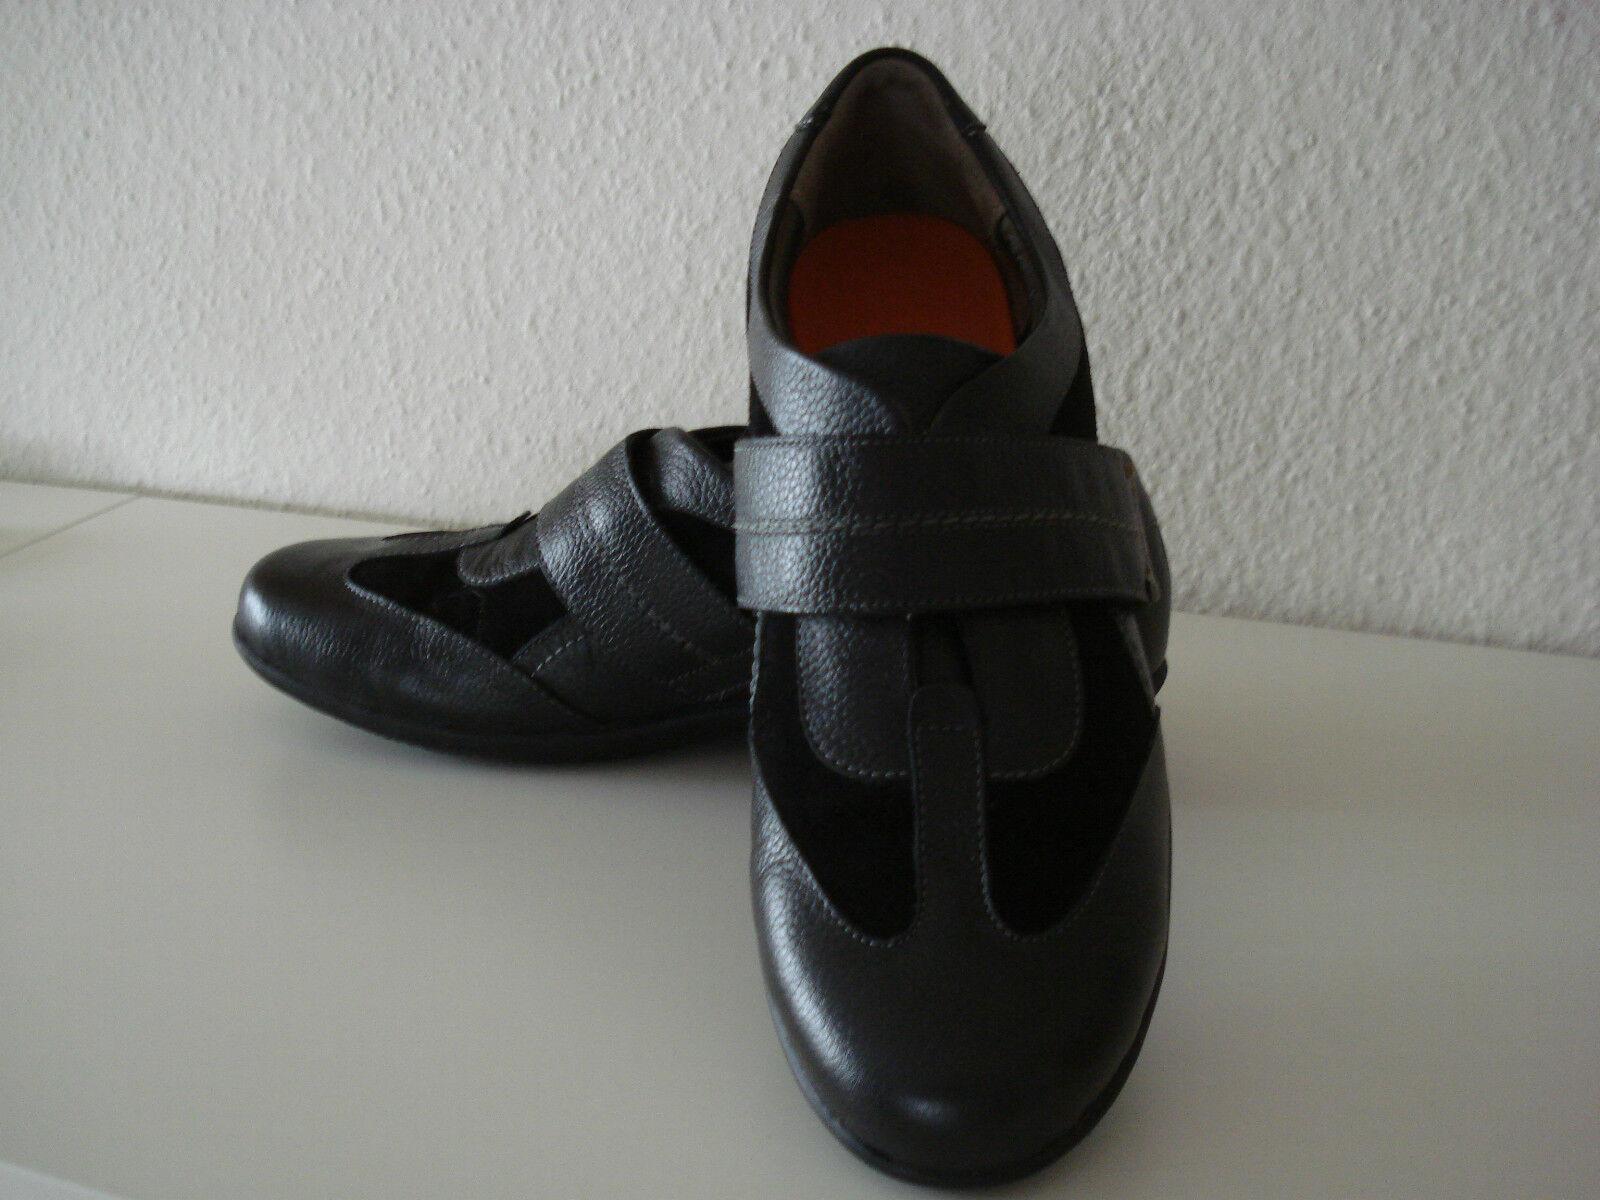 SCHOLL Fremont Halbschuh Schuh Sneaker Gr. 42 8 / 8 42 schwarz  Klettverschluß  NEU 5b45cf